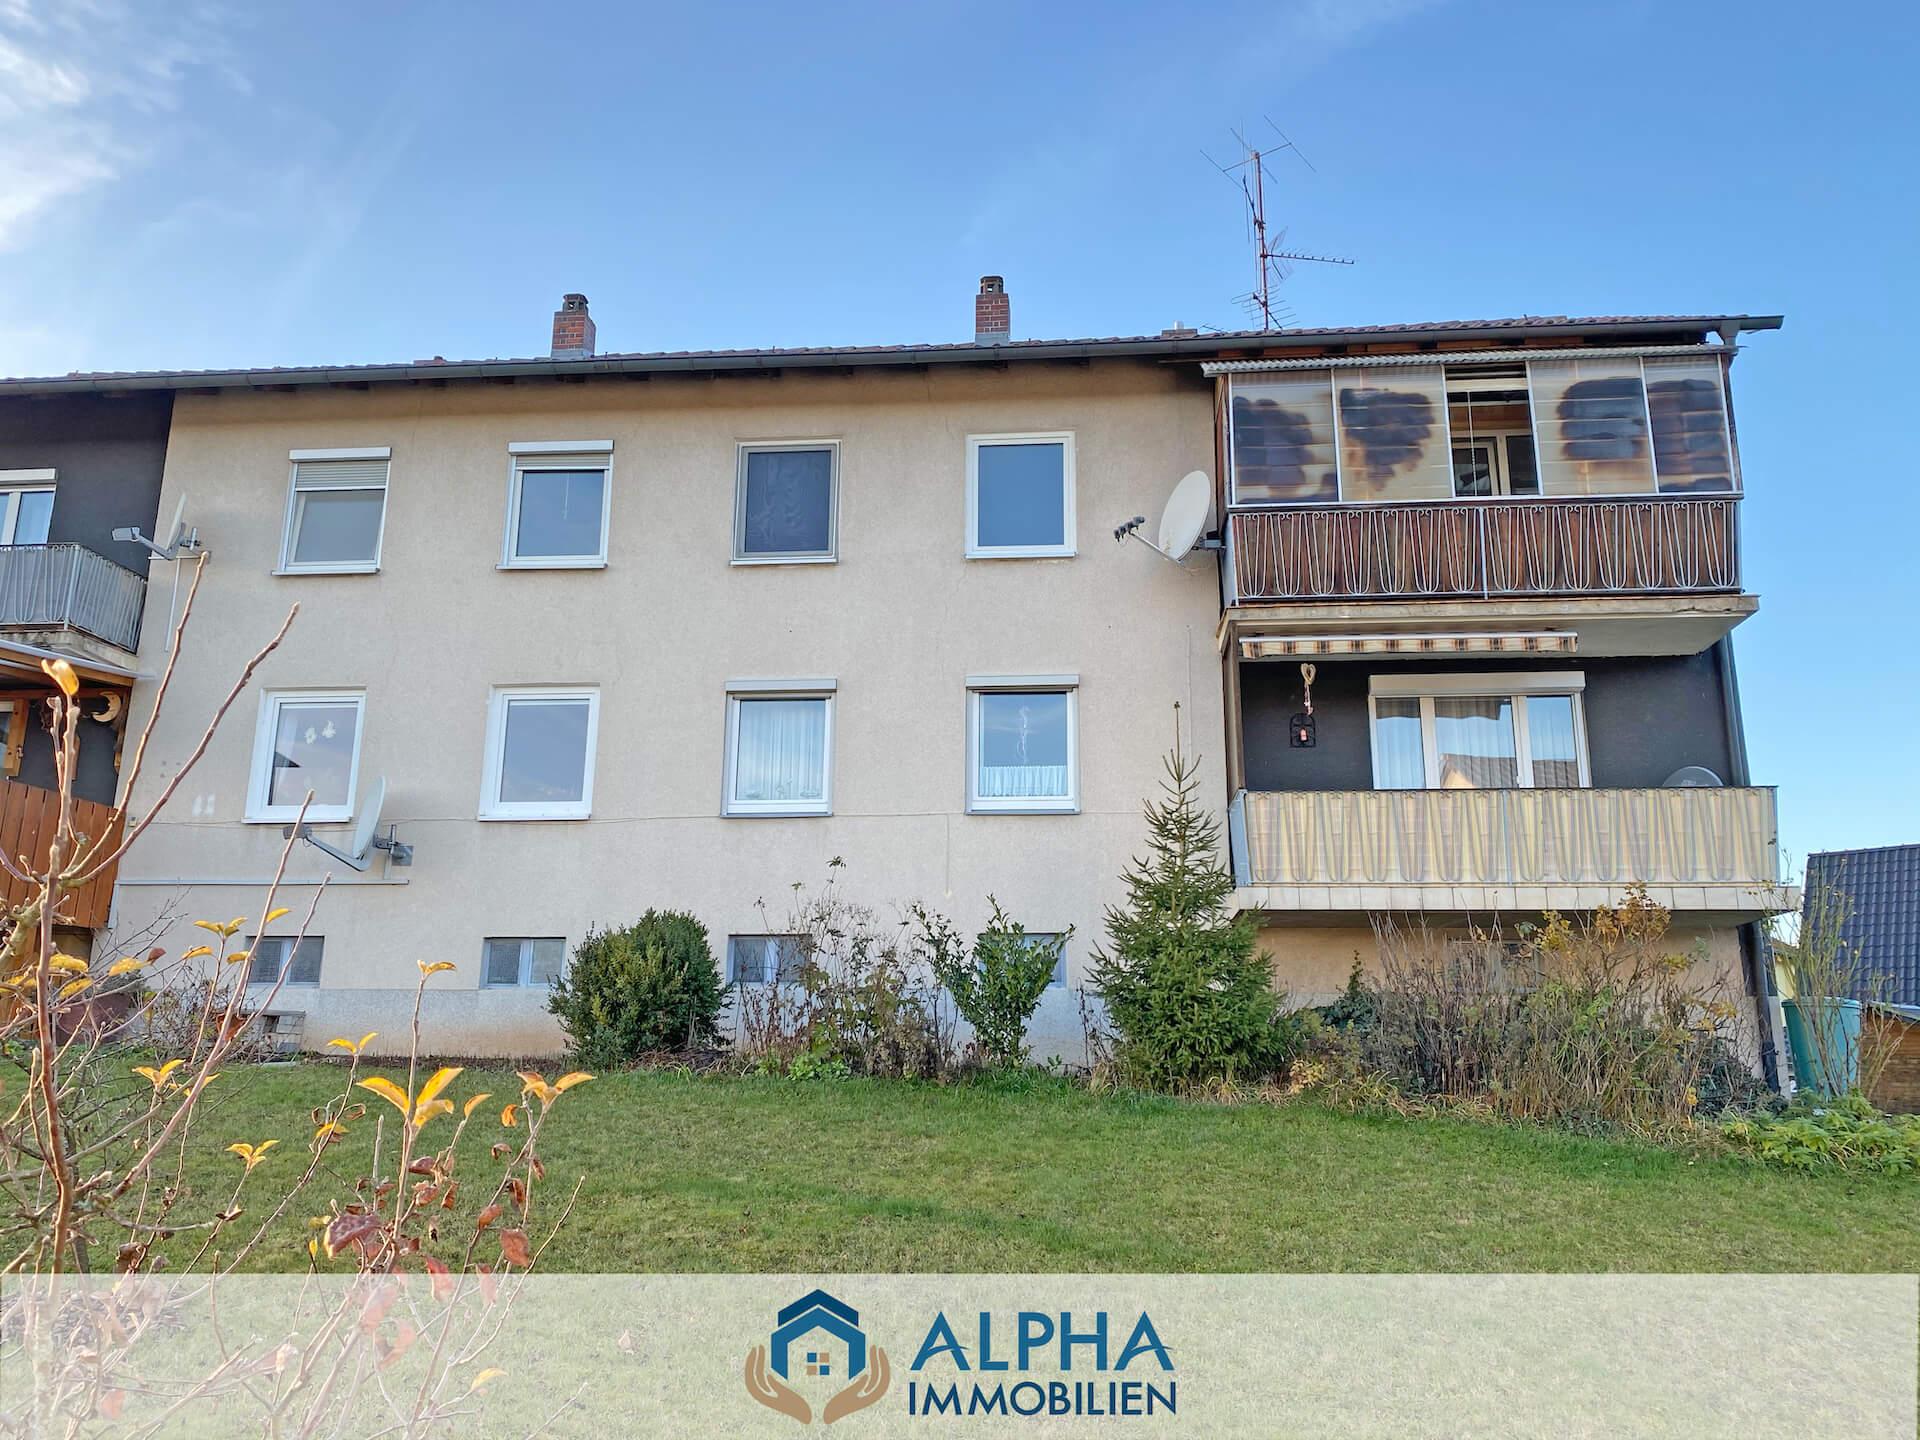 alpha-immobilien-20-8-43